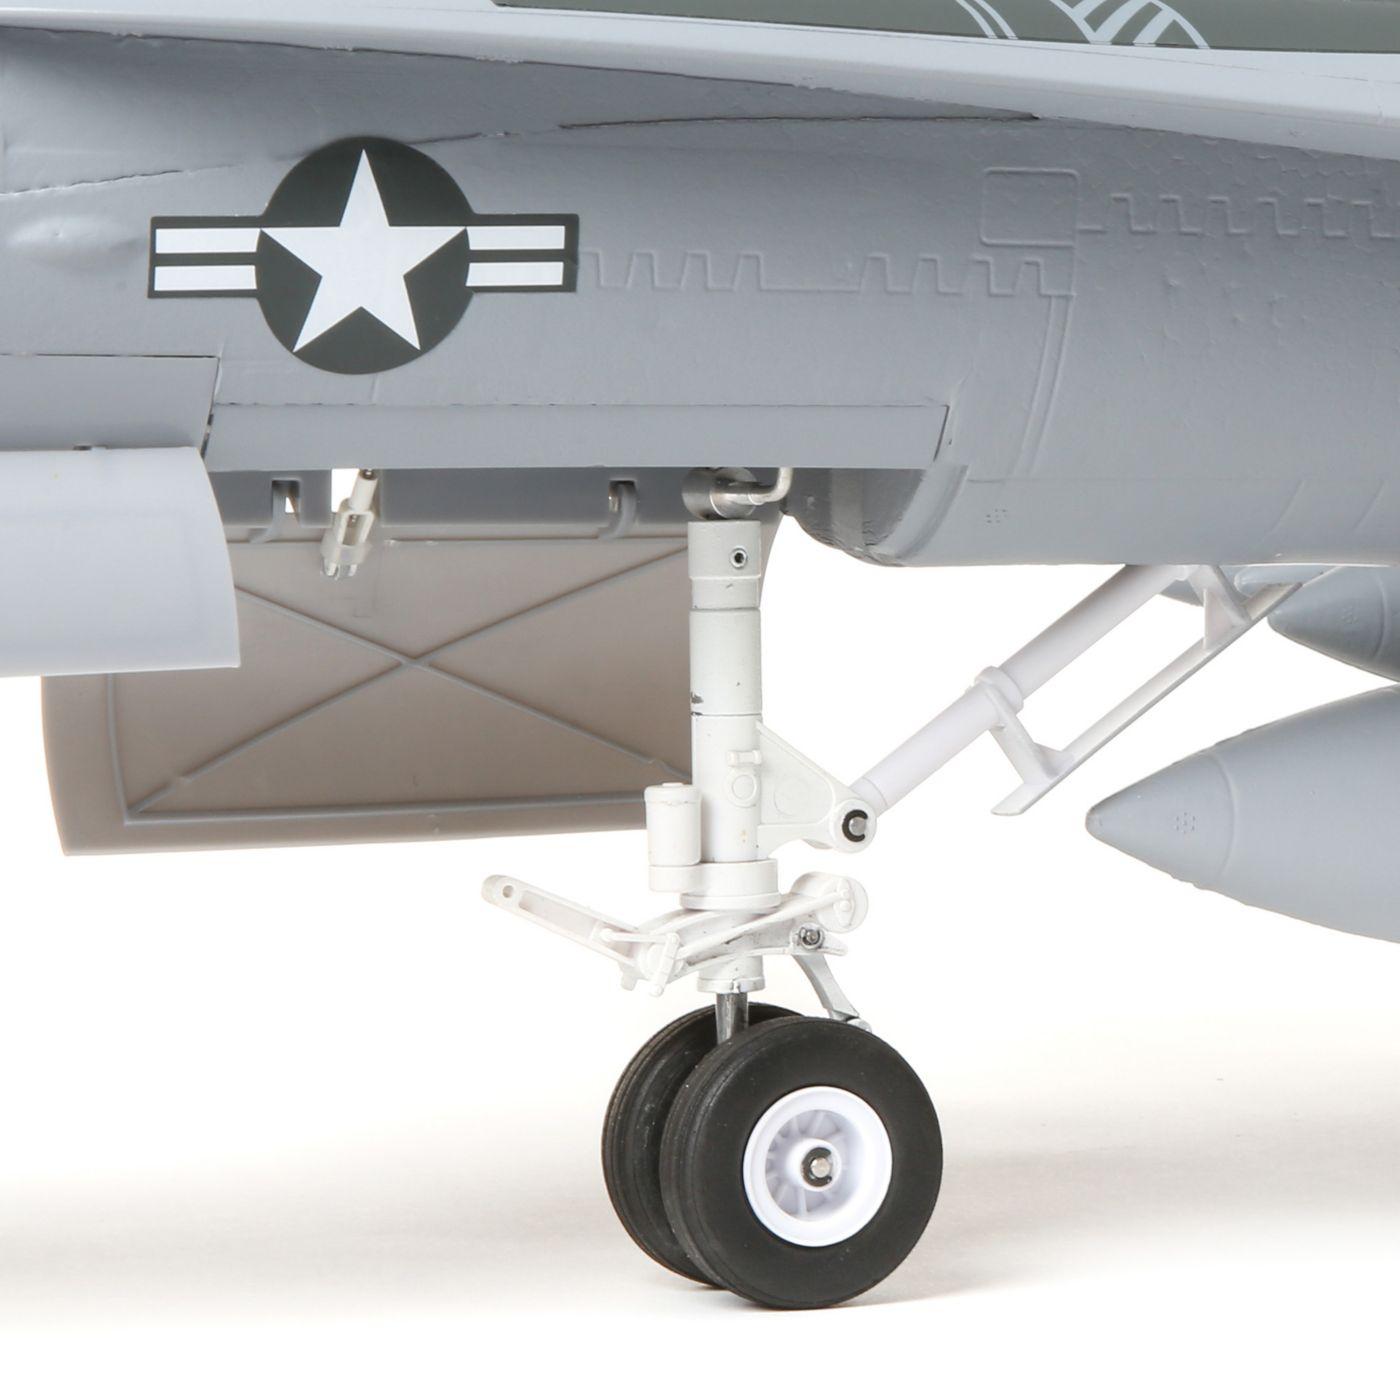 E-flite F-18 Hornet Jet EDF BNF Basic Safe 11